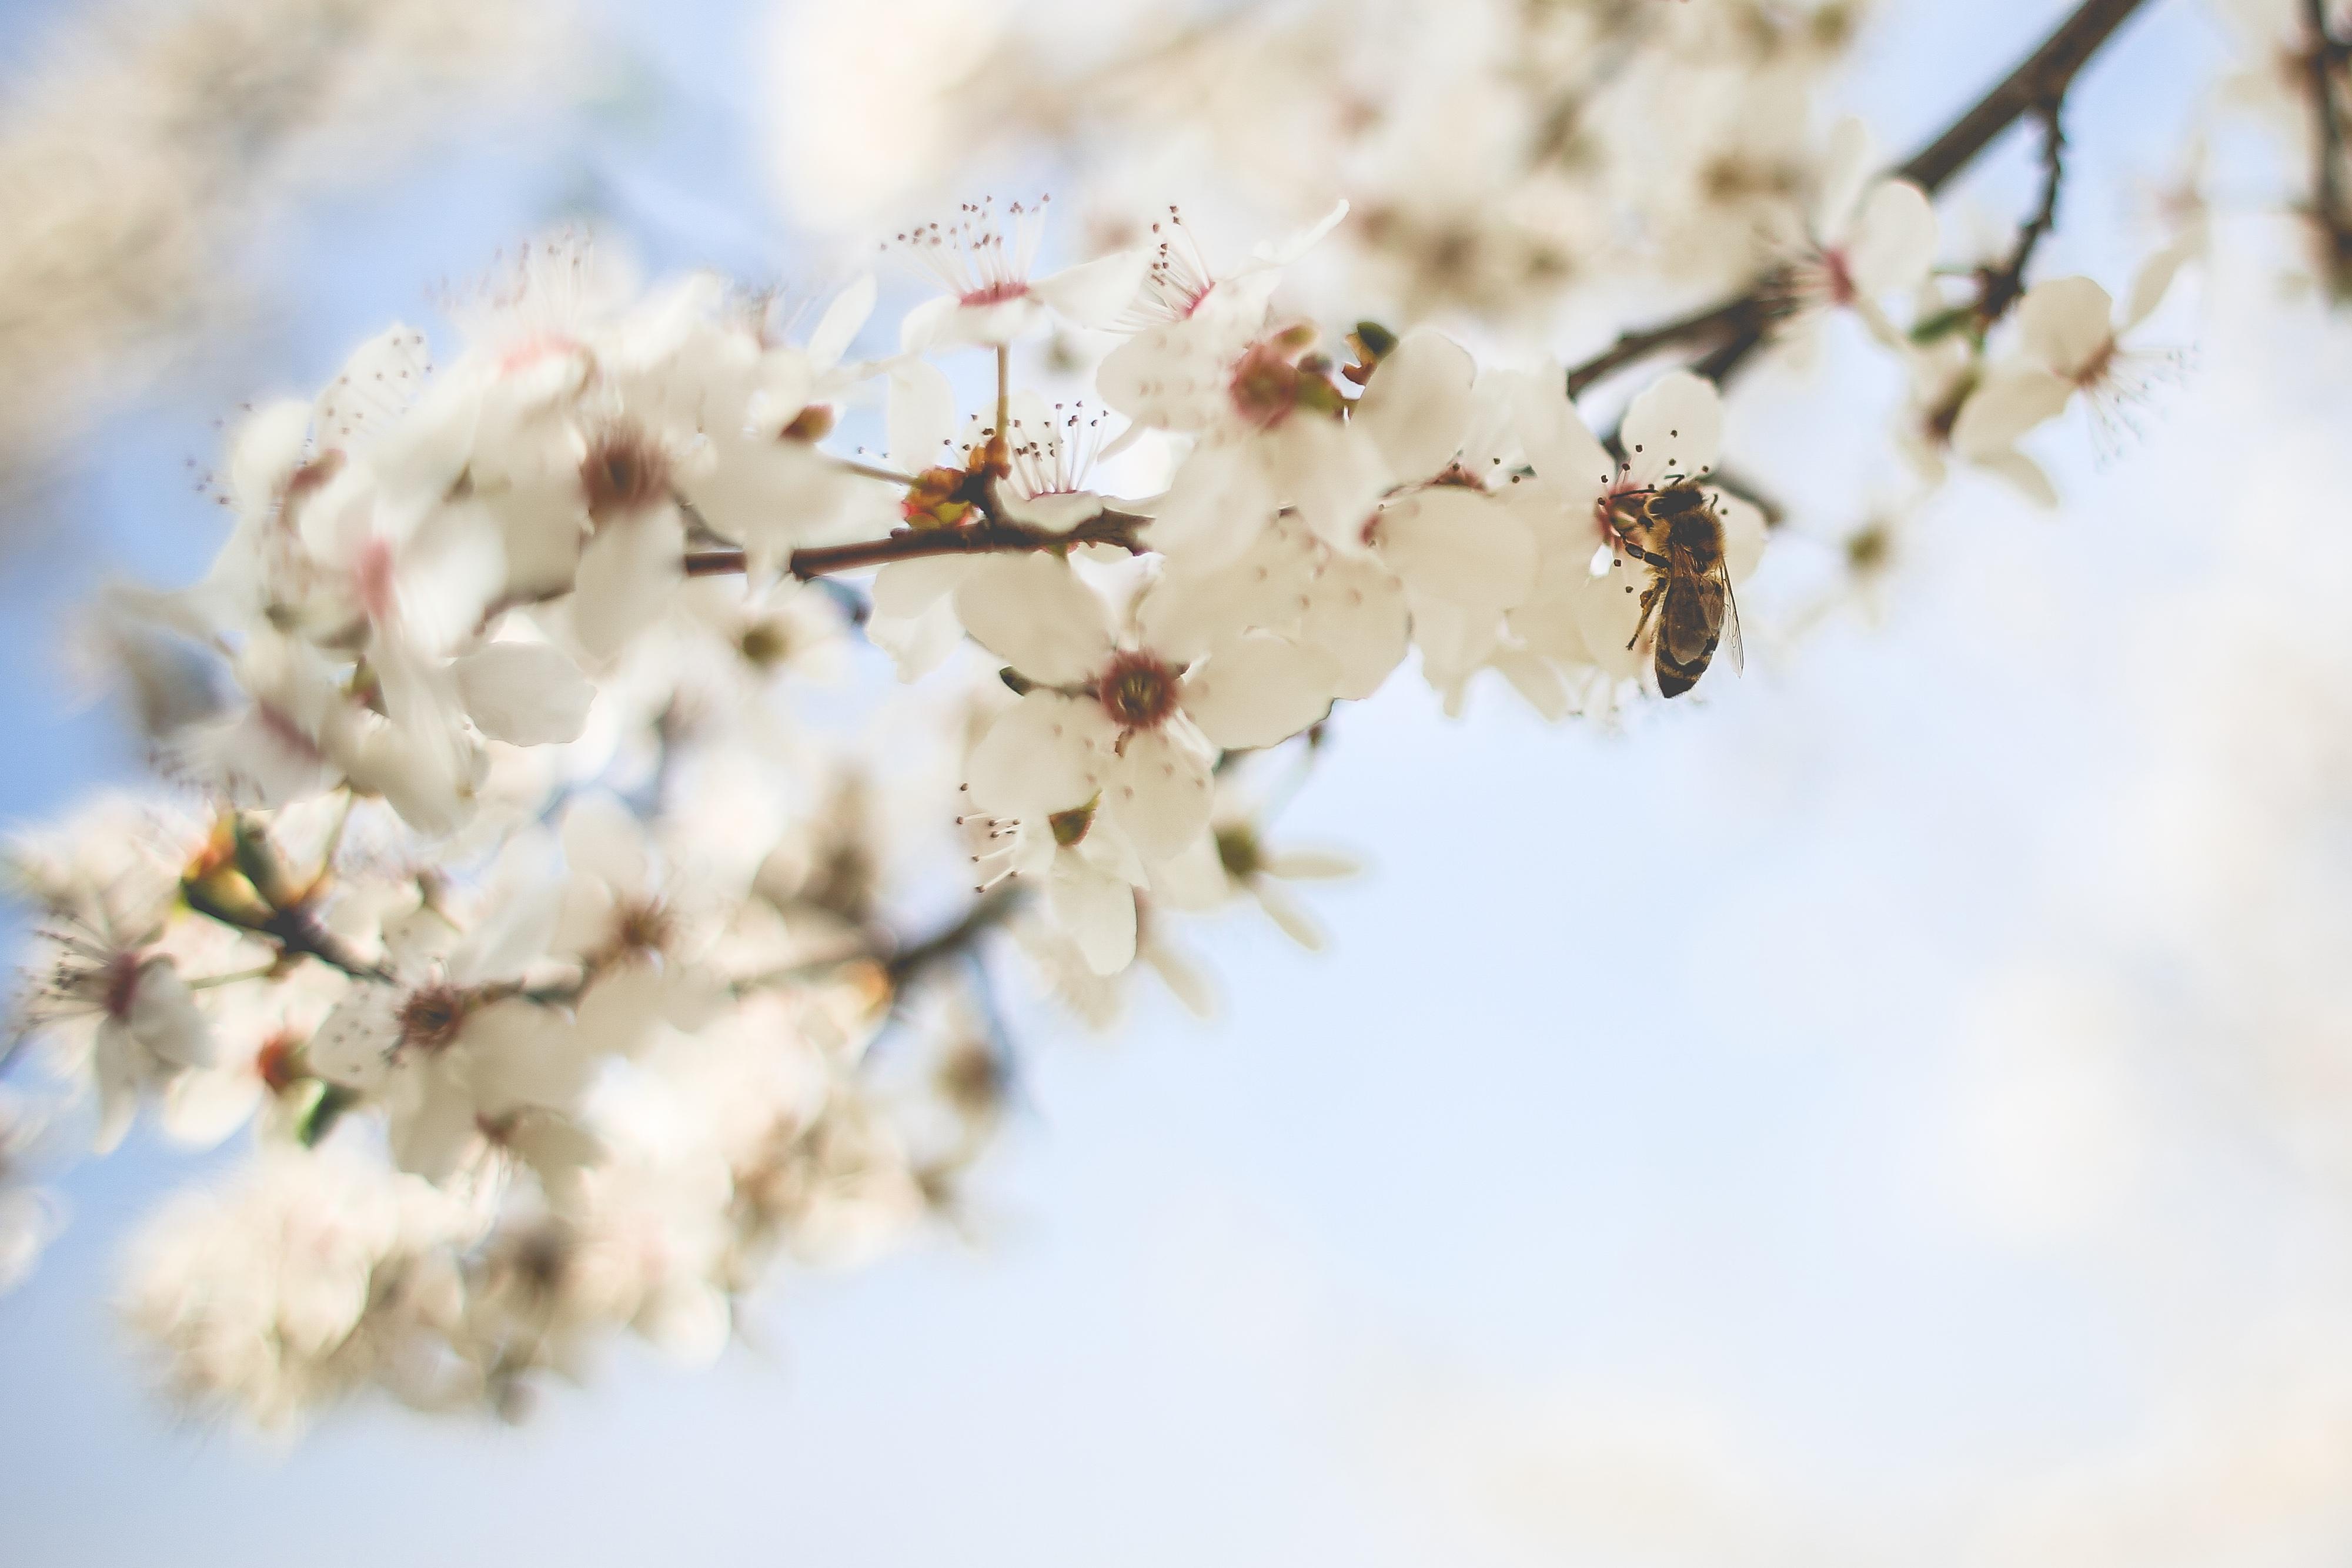 蜜蜂查看苹果树1080x2242分辨率授粉爱青蛙图片